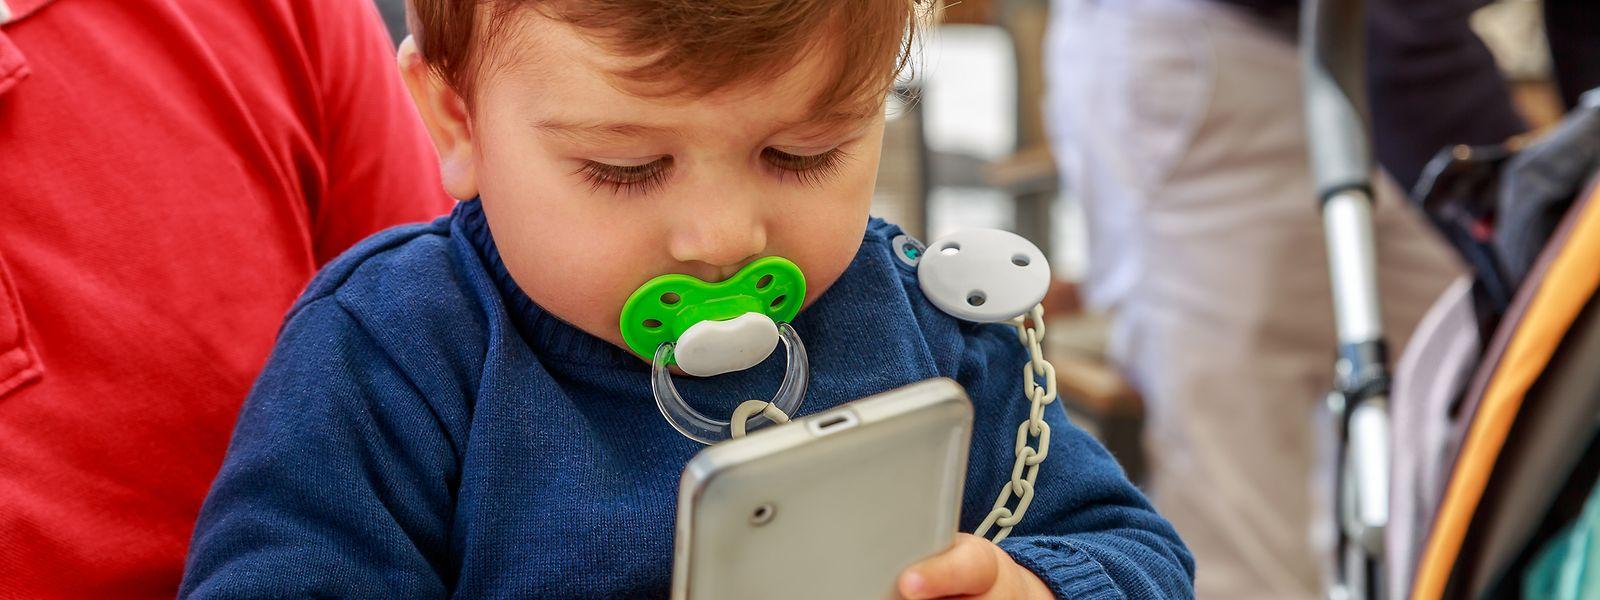 Die Kinderärzte warnen vor einer zu frühen Nutzung von Smartphones und Tablets. Das habe katastrophale Folgen für die kindliche Entwicklung.